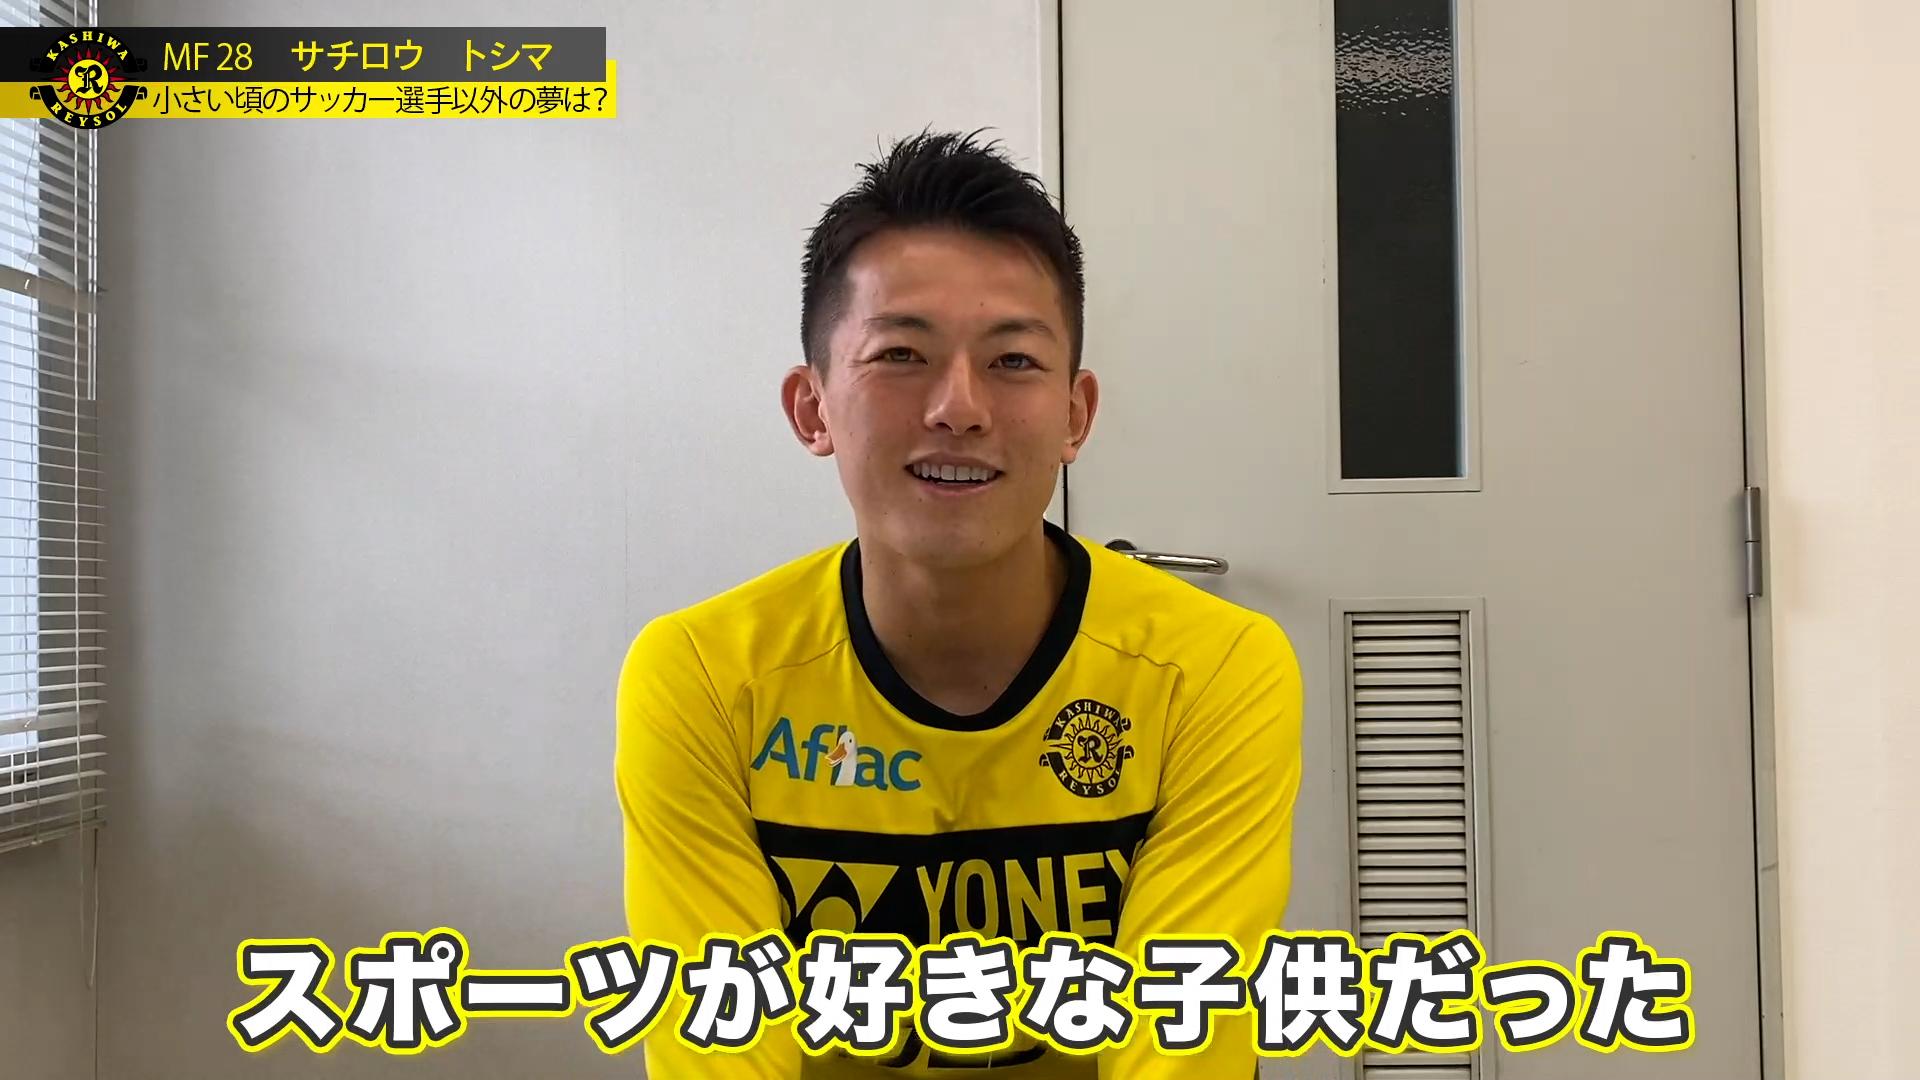 【柏レイソル】戸嶋祥郎選手 1分クエスチョン